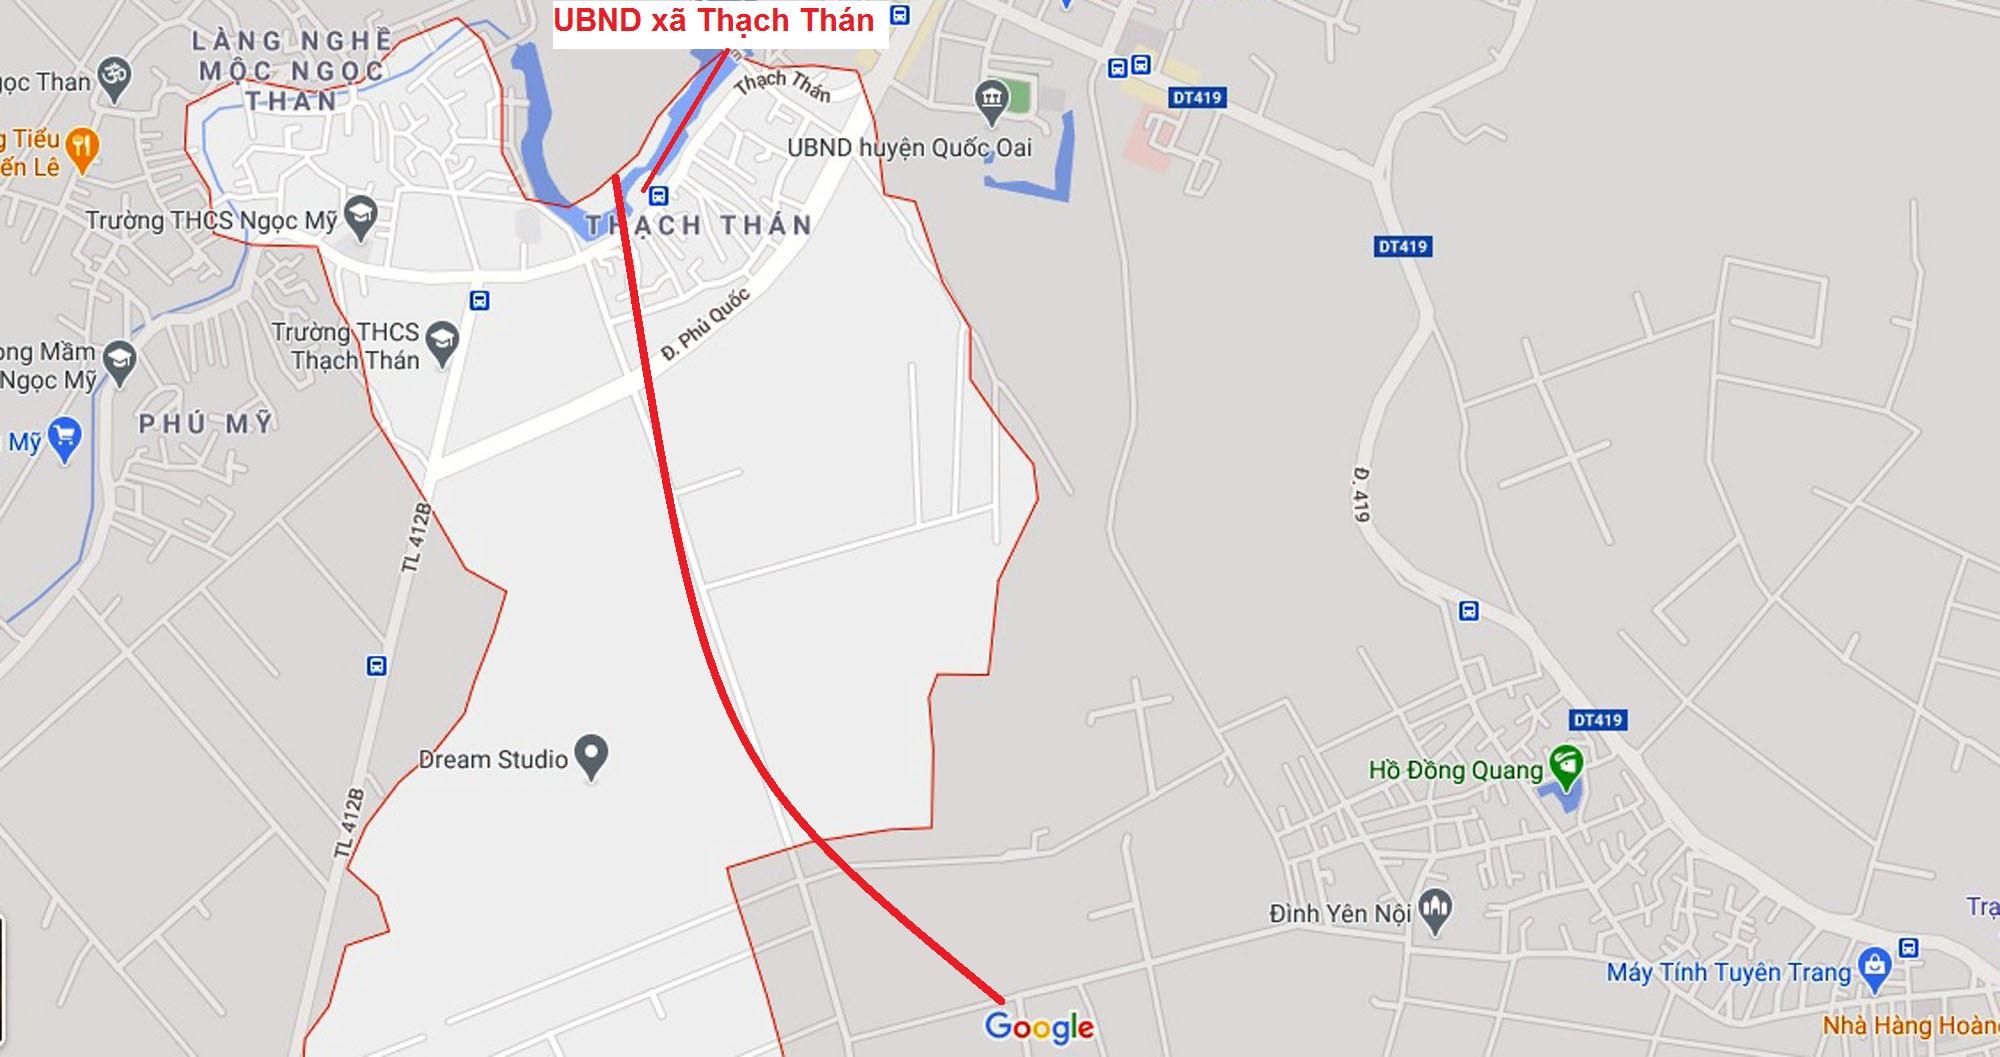 đường sẽ mở theo qui hoạch ở xã Thạch Thán, Quốc Oai, Hà Nội - Ảnh 2.